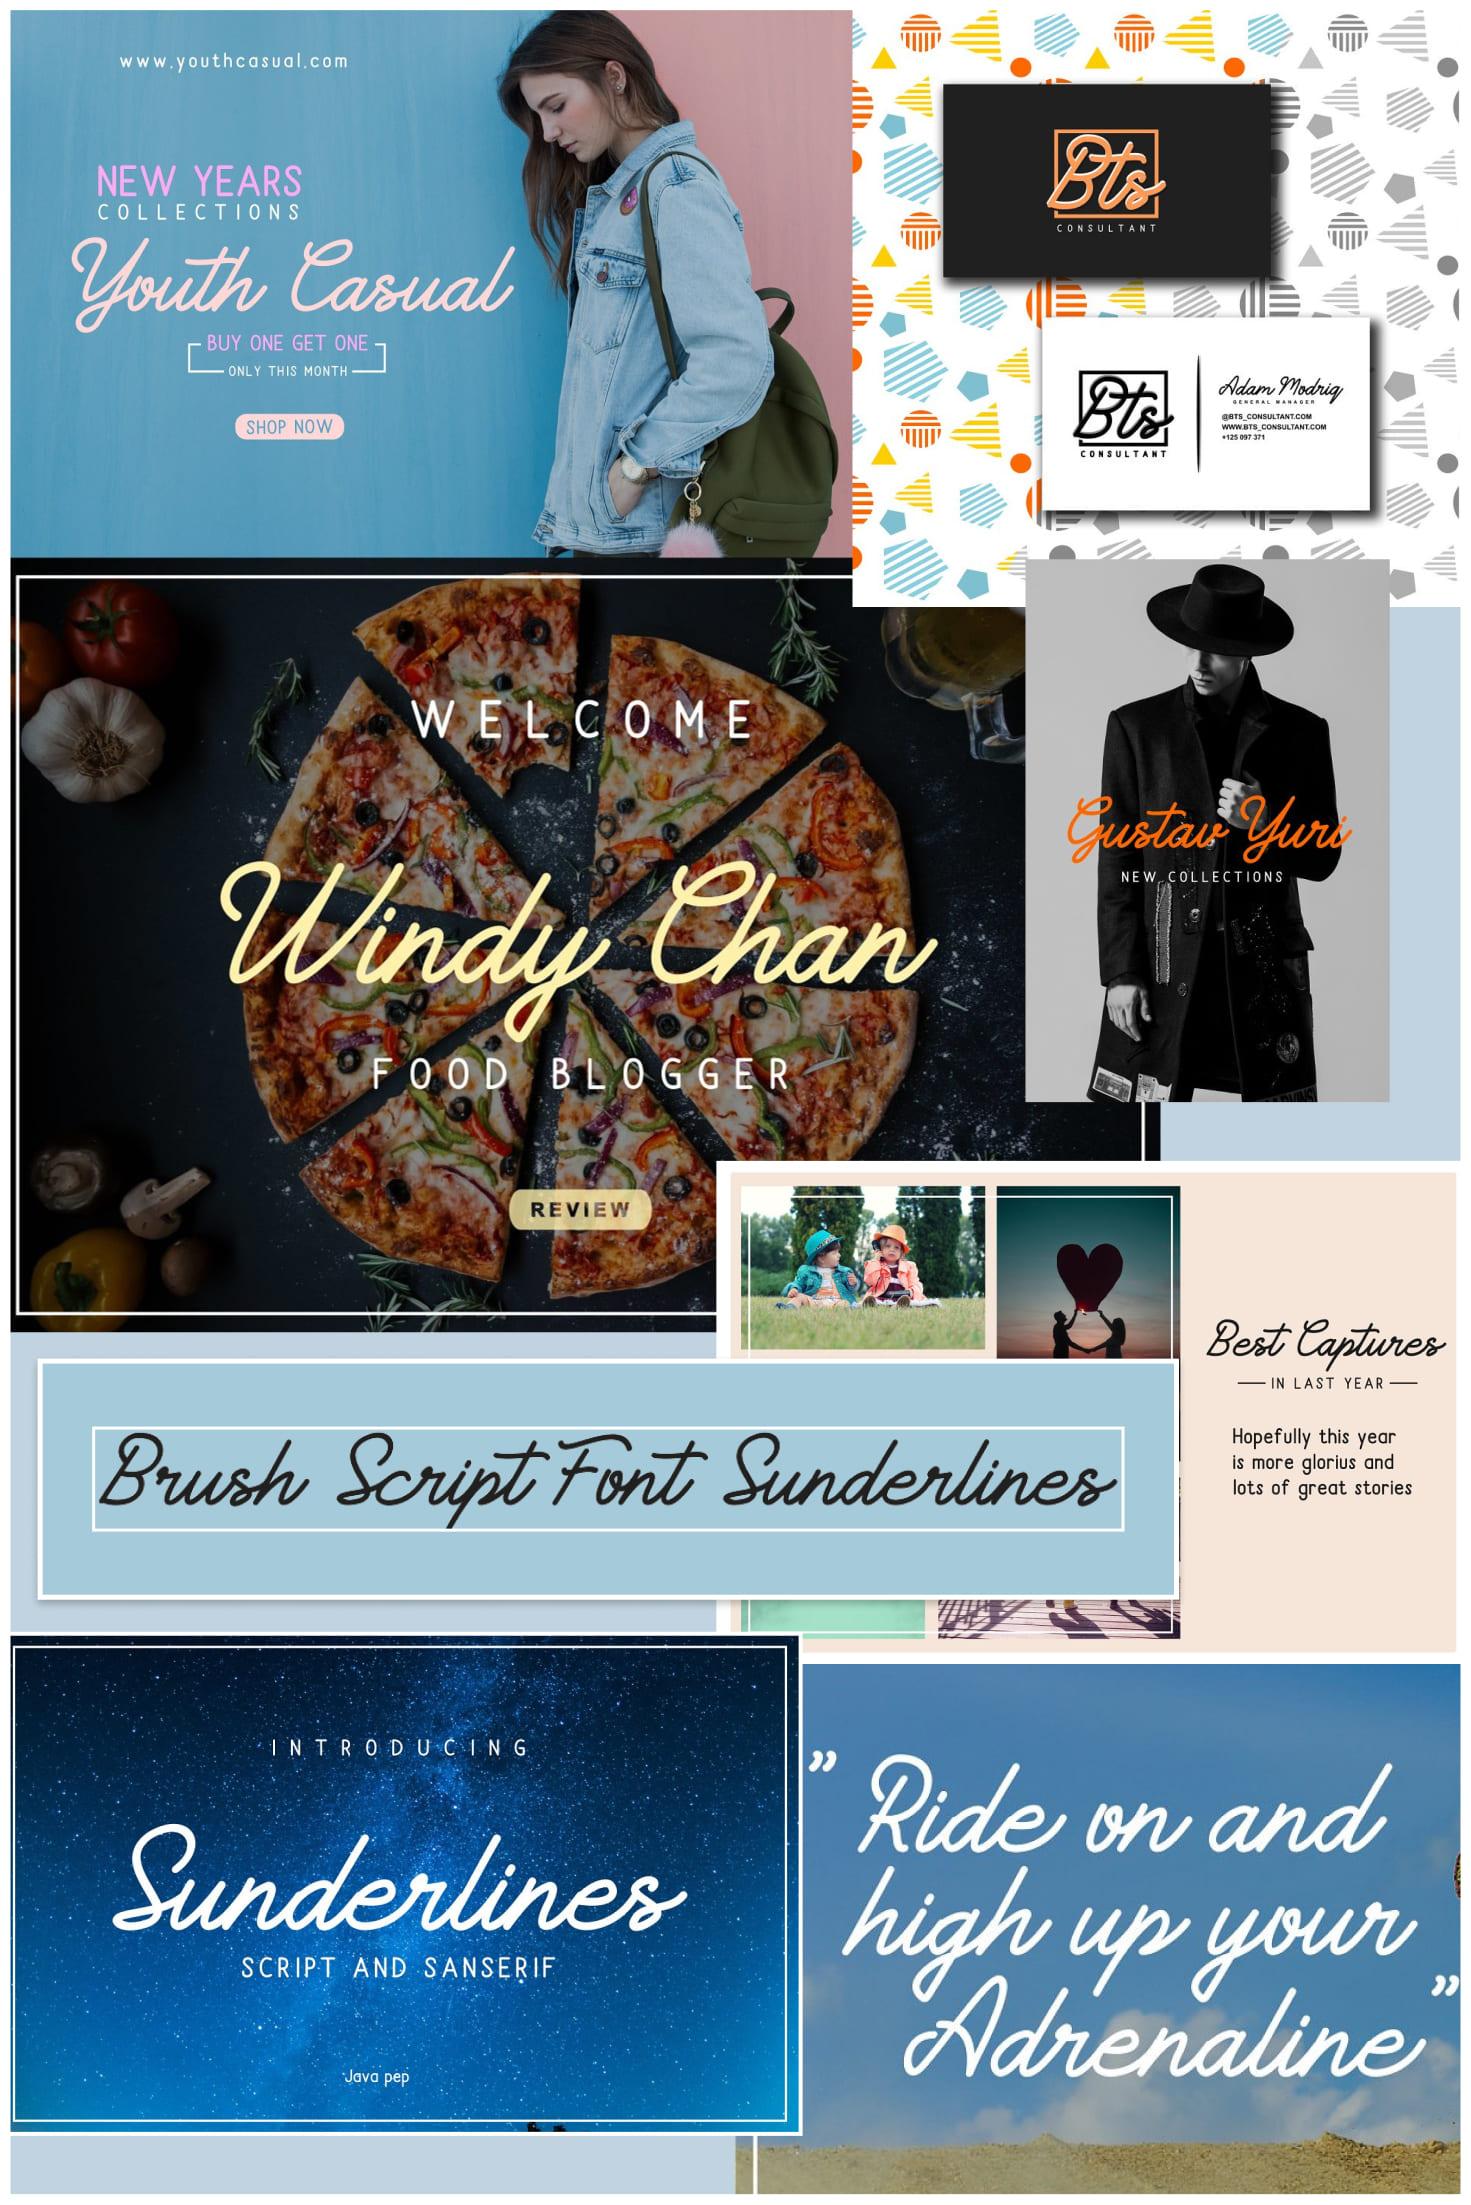 Pinterest Image: Brush Script Font Sunderlines and Sanserif.